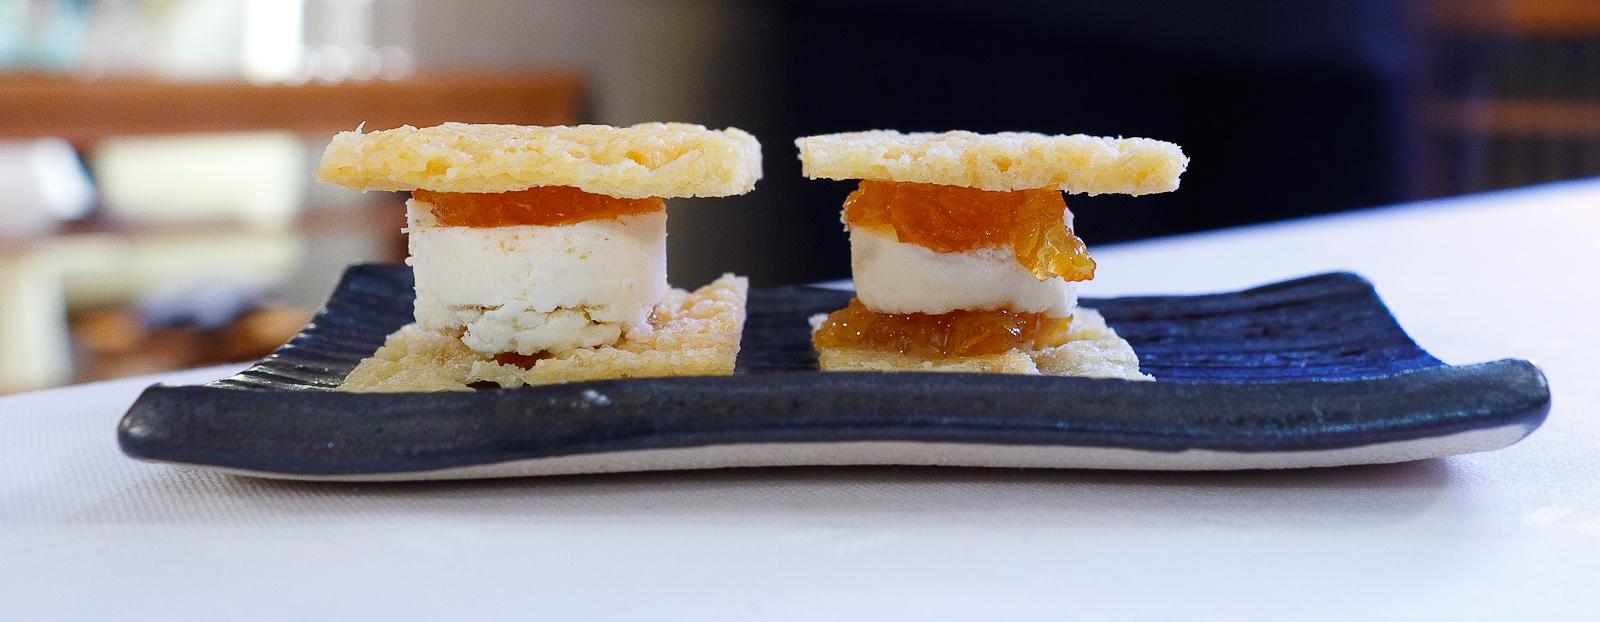 Amuse Bouche 1: Parmesan crust with yuzu confiture